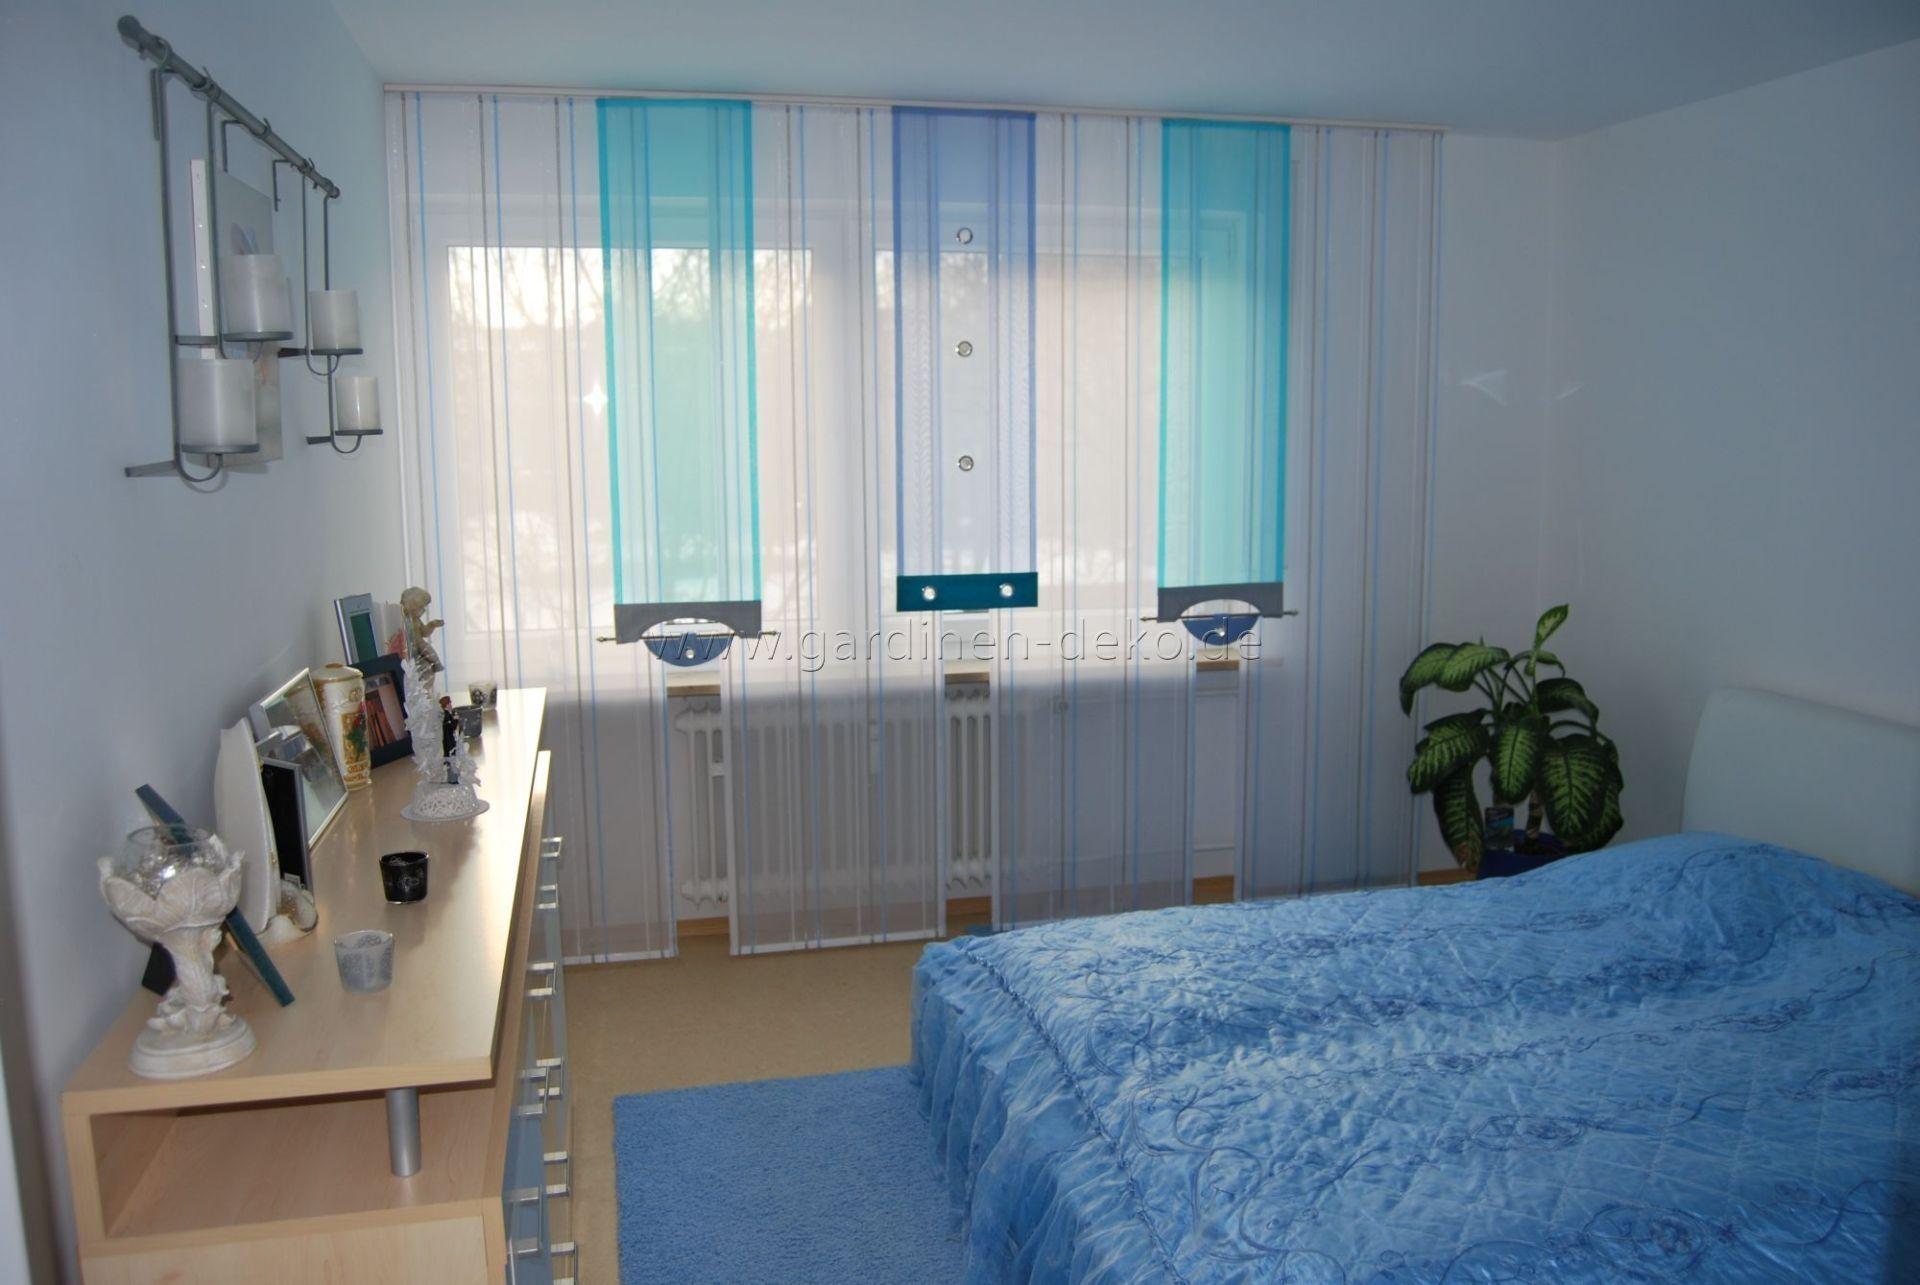 27 schön deko ideen schlafzimmer türkis | schlafzimmer deko